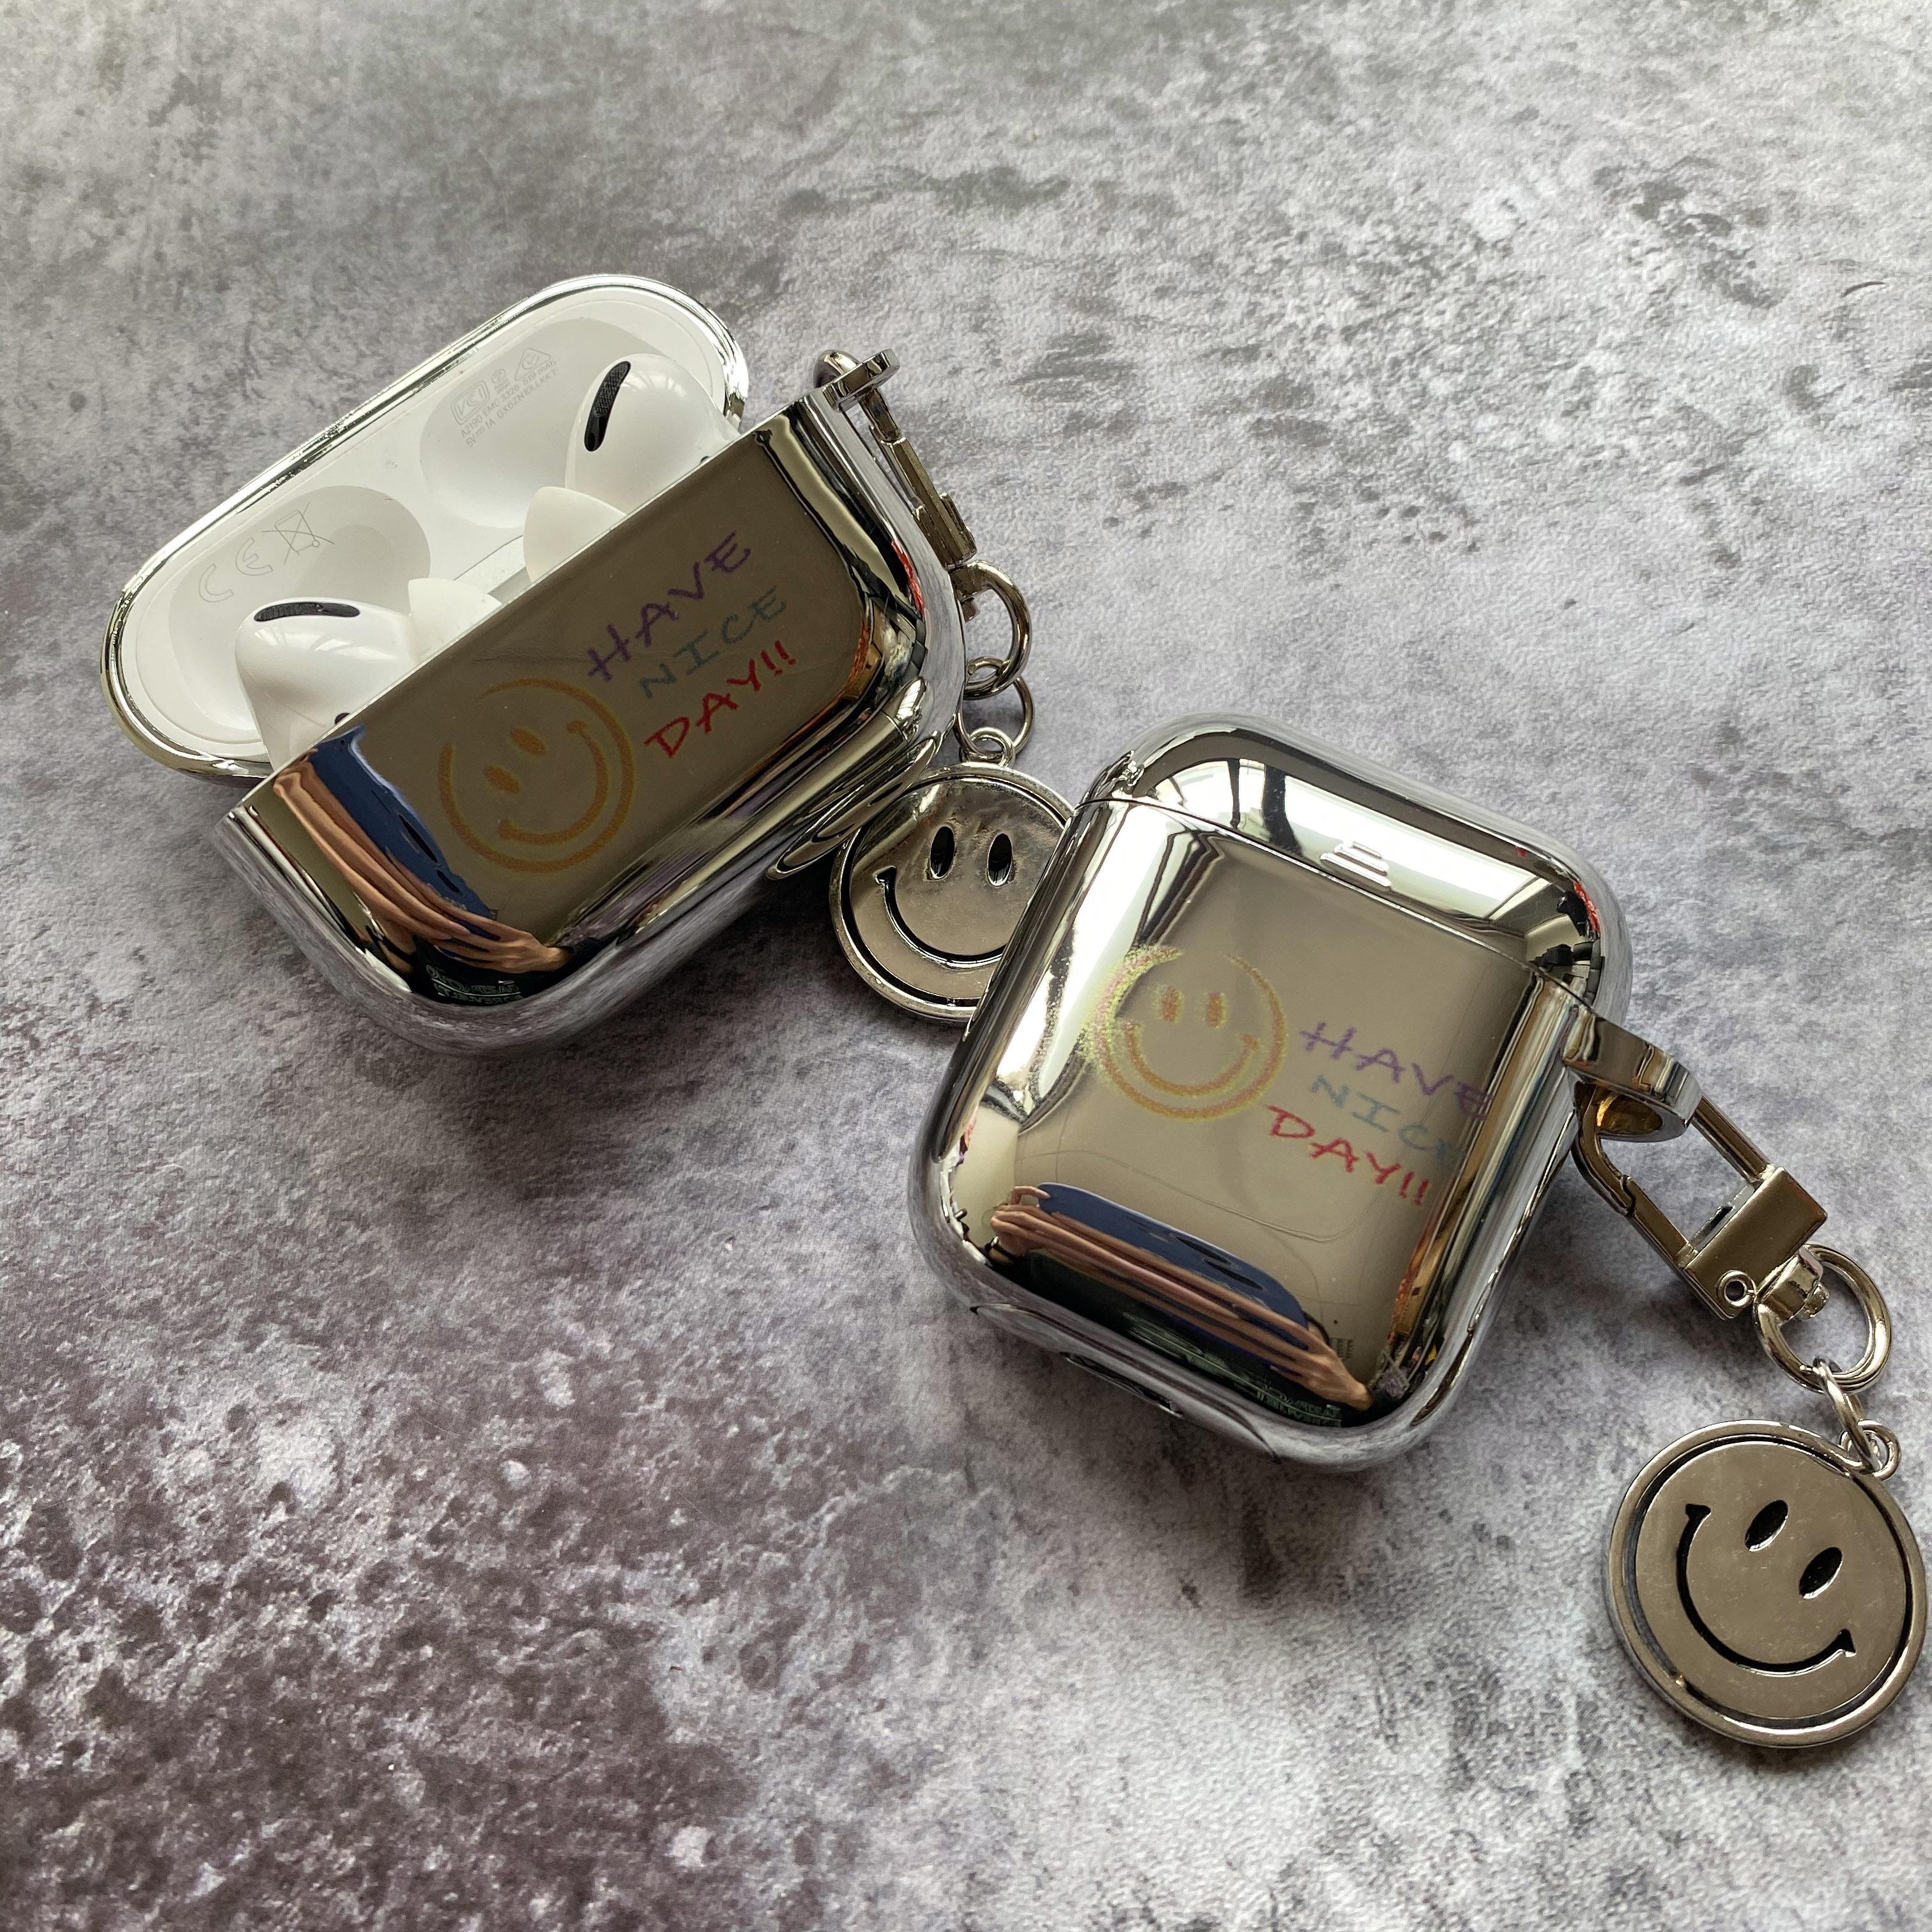 笑脸电镀airpods保护套2代3软硅胶pro适用苹果无线蓝牙耳机壳潮牌